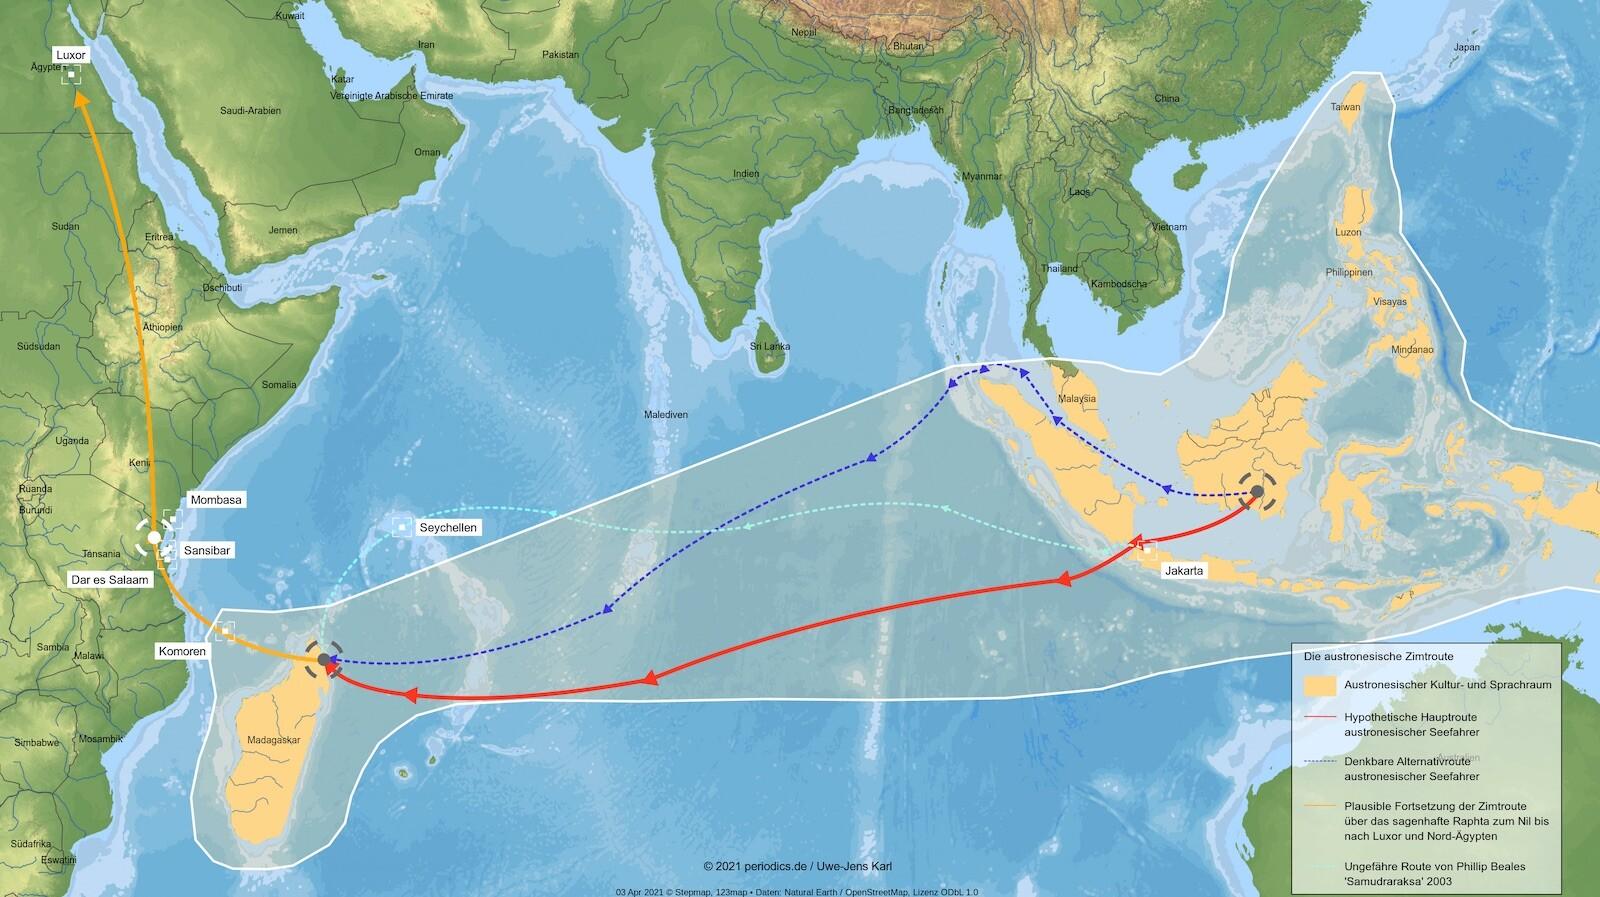 Geschichte der Gewürze austronesische Zimtroute